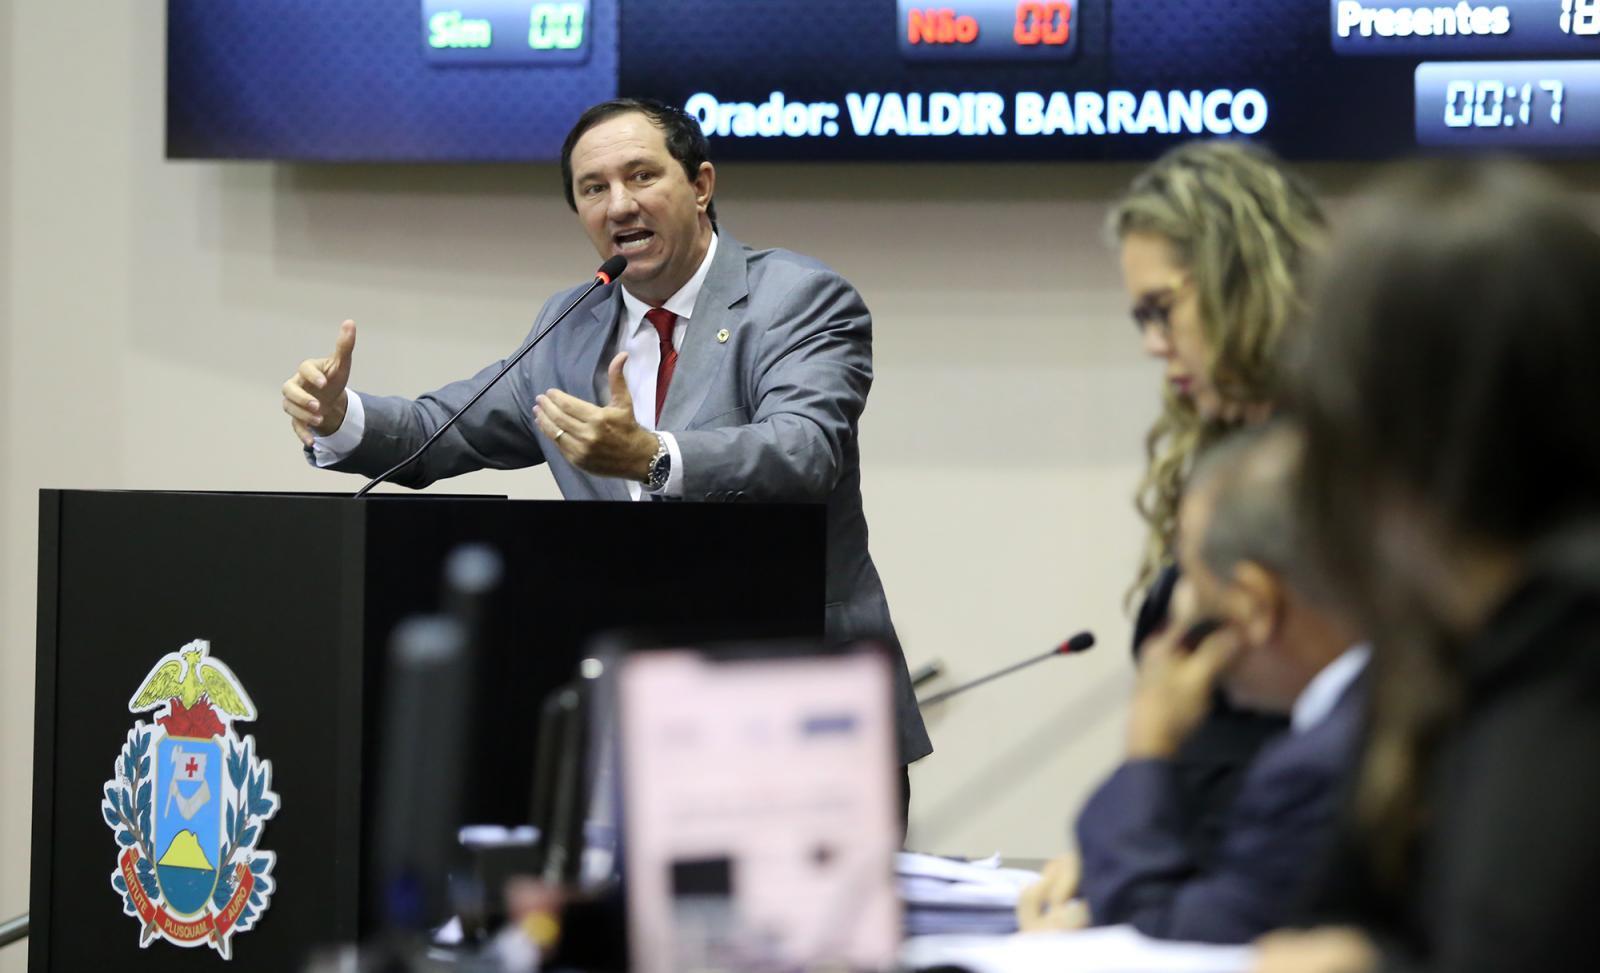 Barranco: 'denúncia de Gerson não é conversa de boteco, é muito grave'